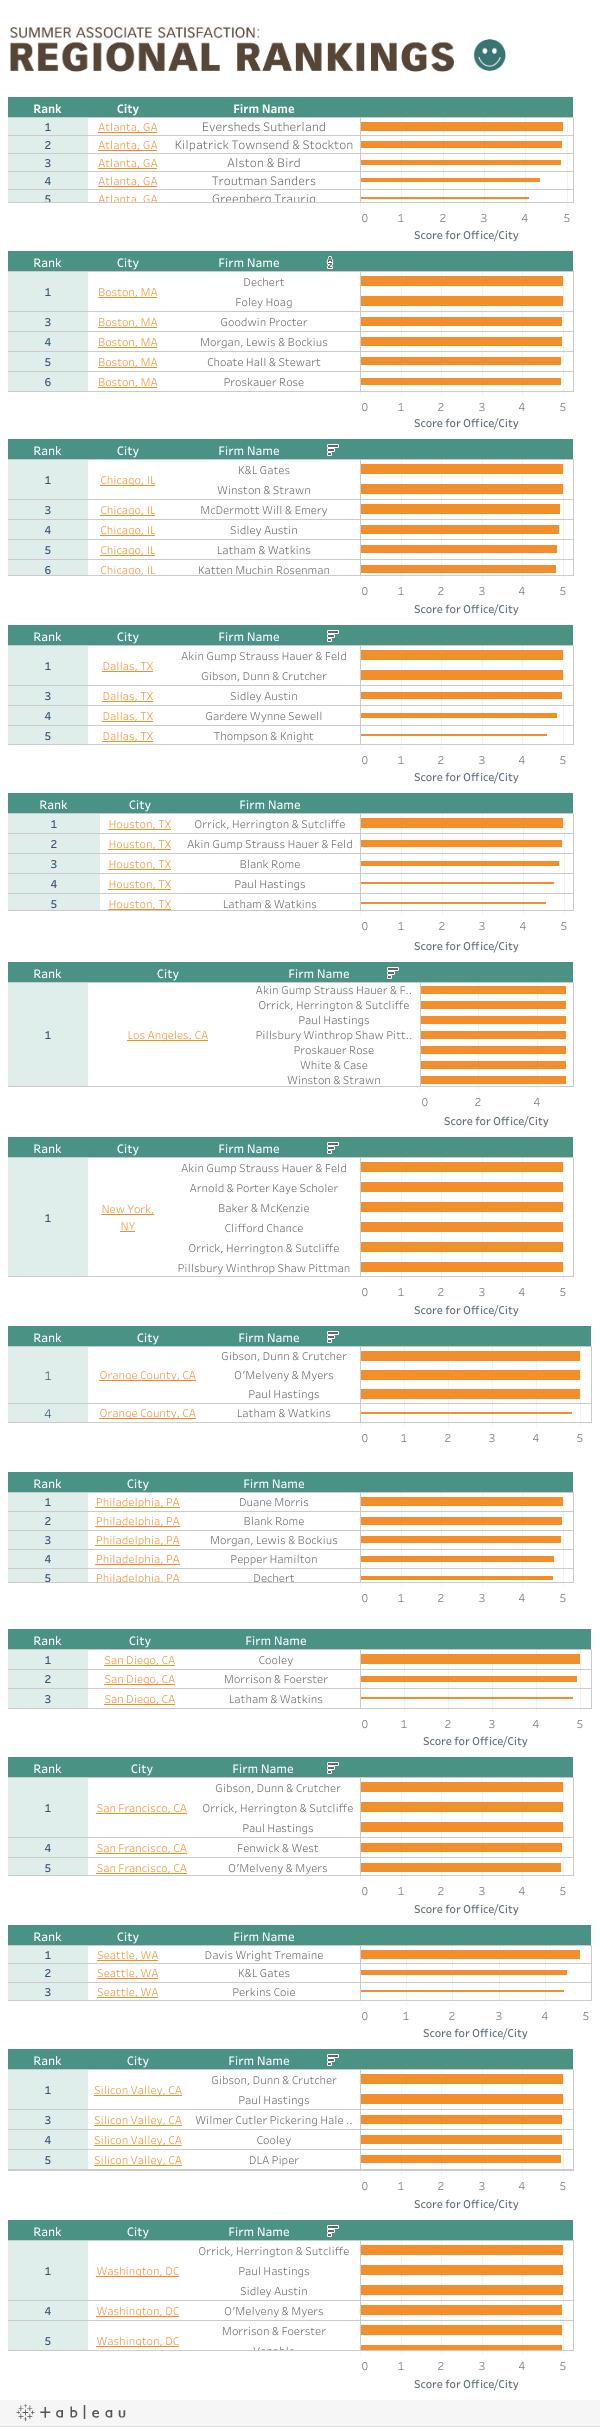 Summer Associate Satisfaction:Regional Rankings